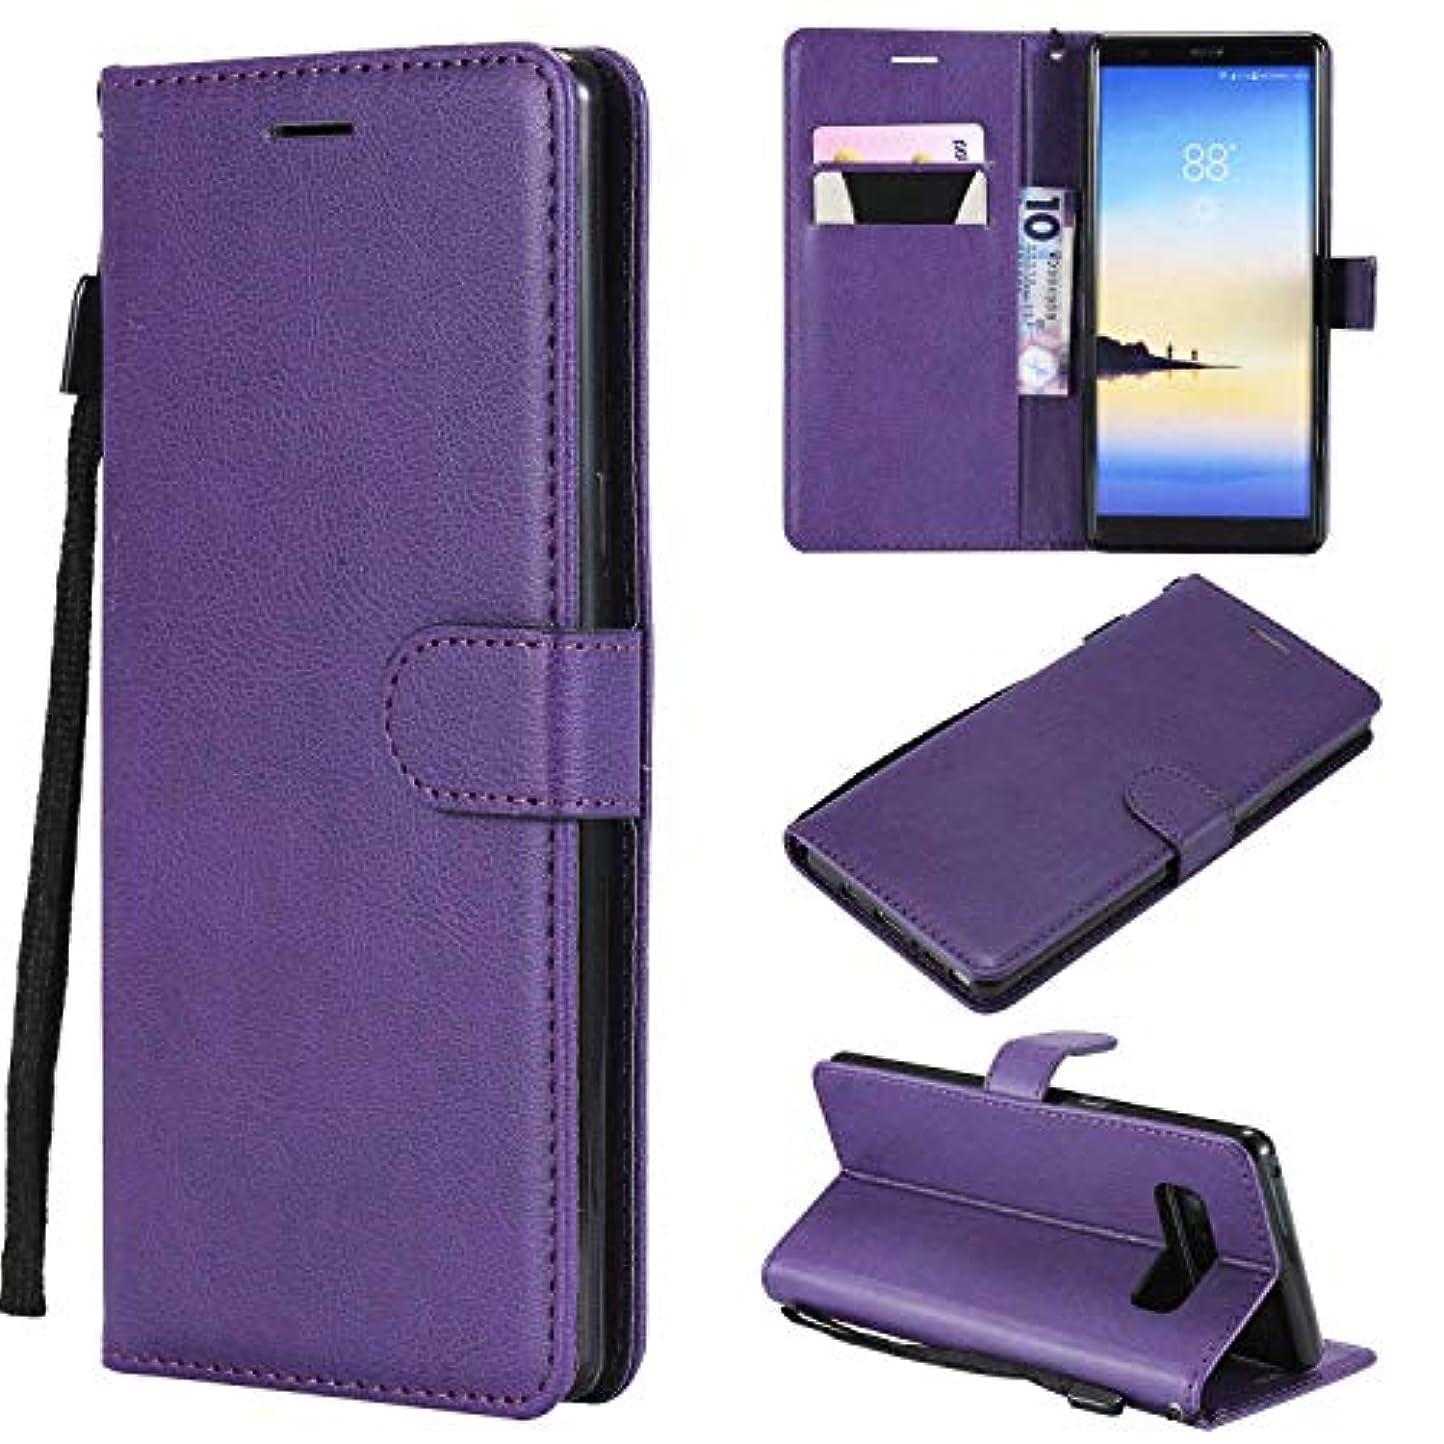 急ぐ航海の侵略Galaxy Note 8 ケース手帳型 OMATENTI レザー 革 薄型 手帳型カバー カード入れ スタンド機能 サムスン Galaxy Note 8 おしゃれ 手帳ケース (5-パープル)